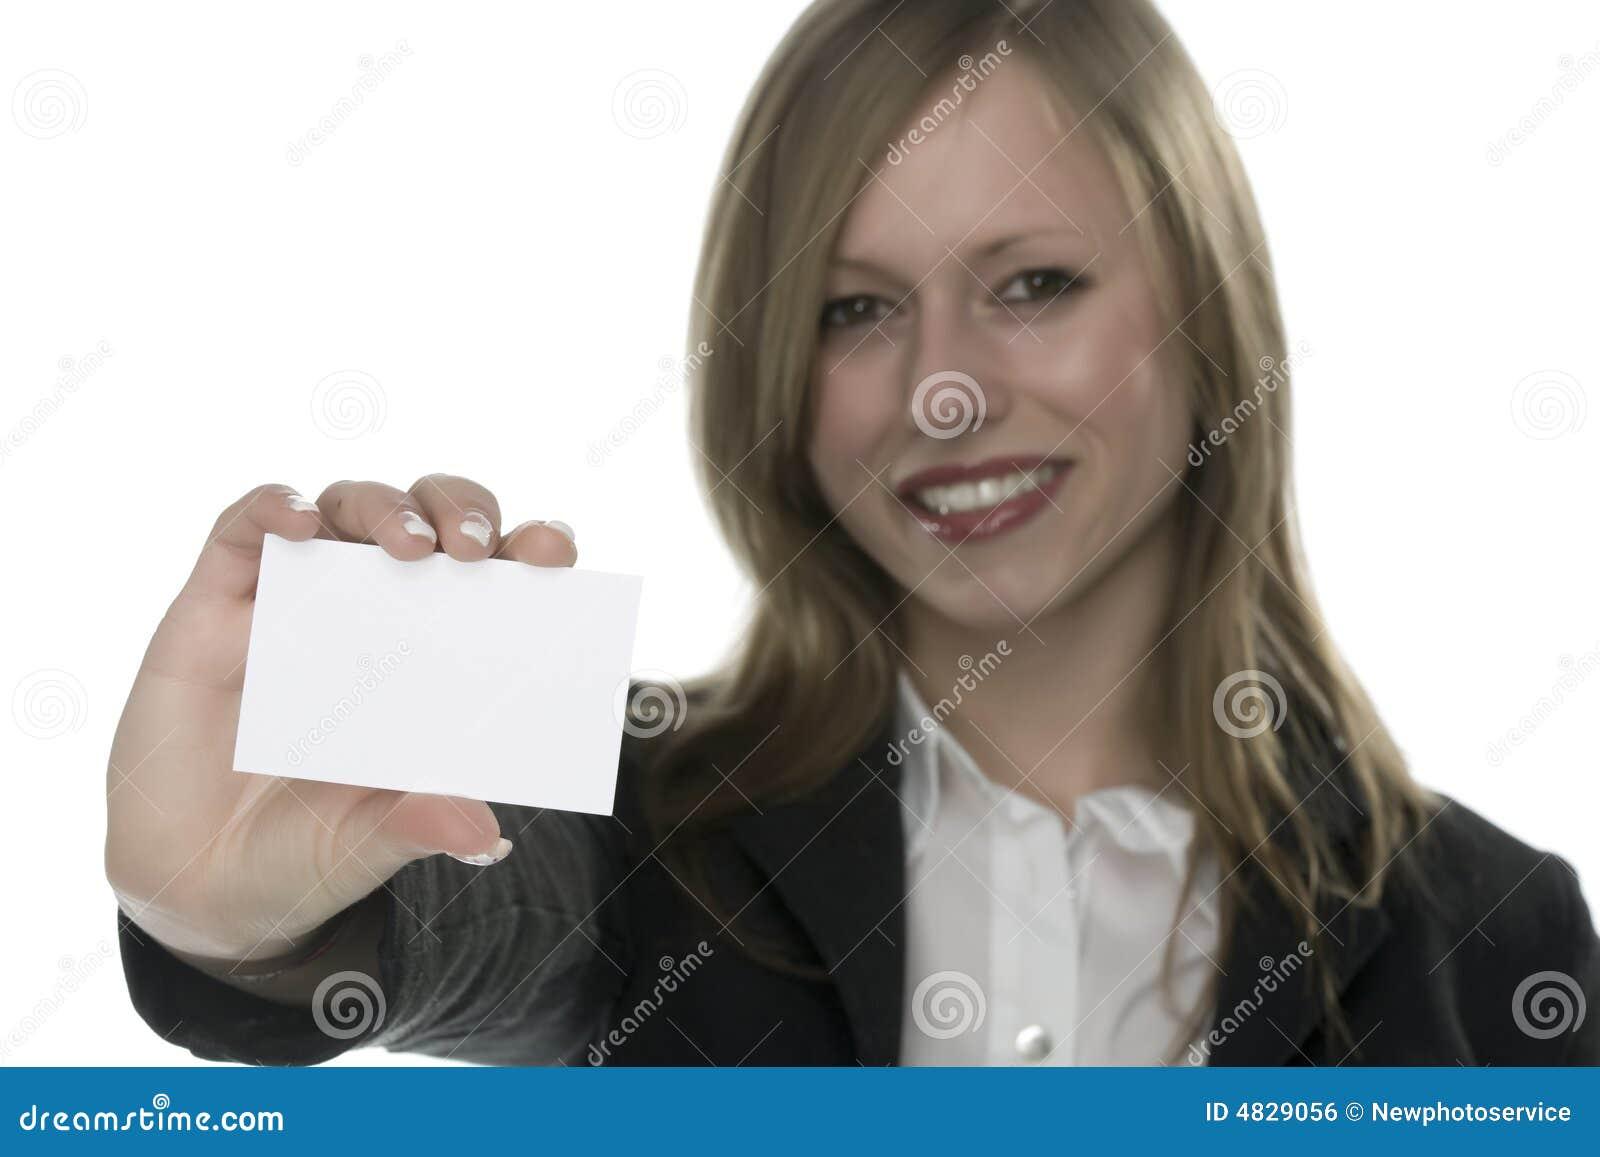 Kvinnor för hand för affärskort